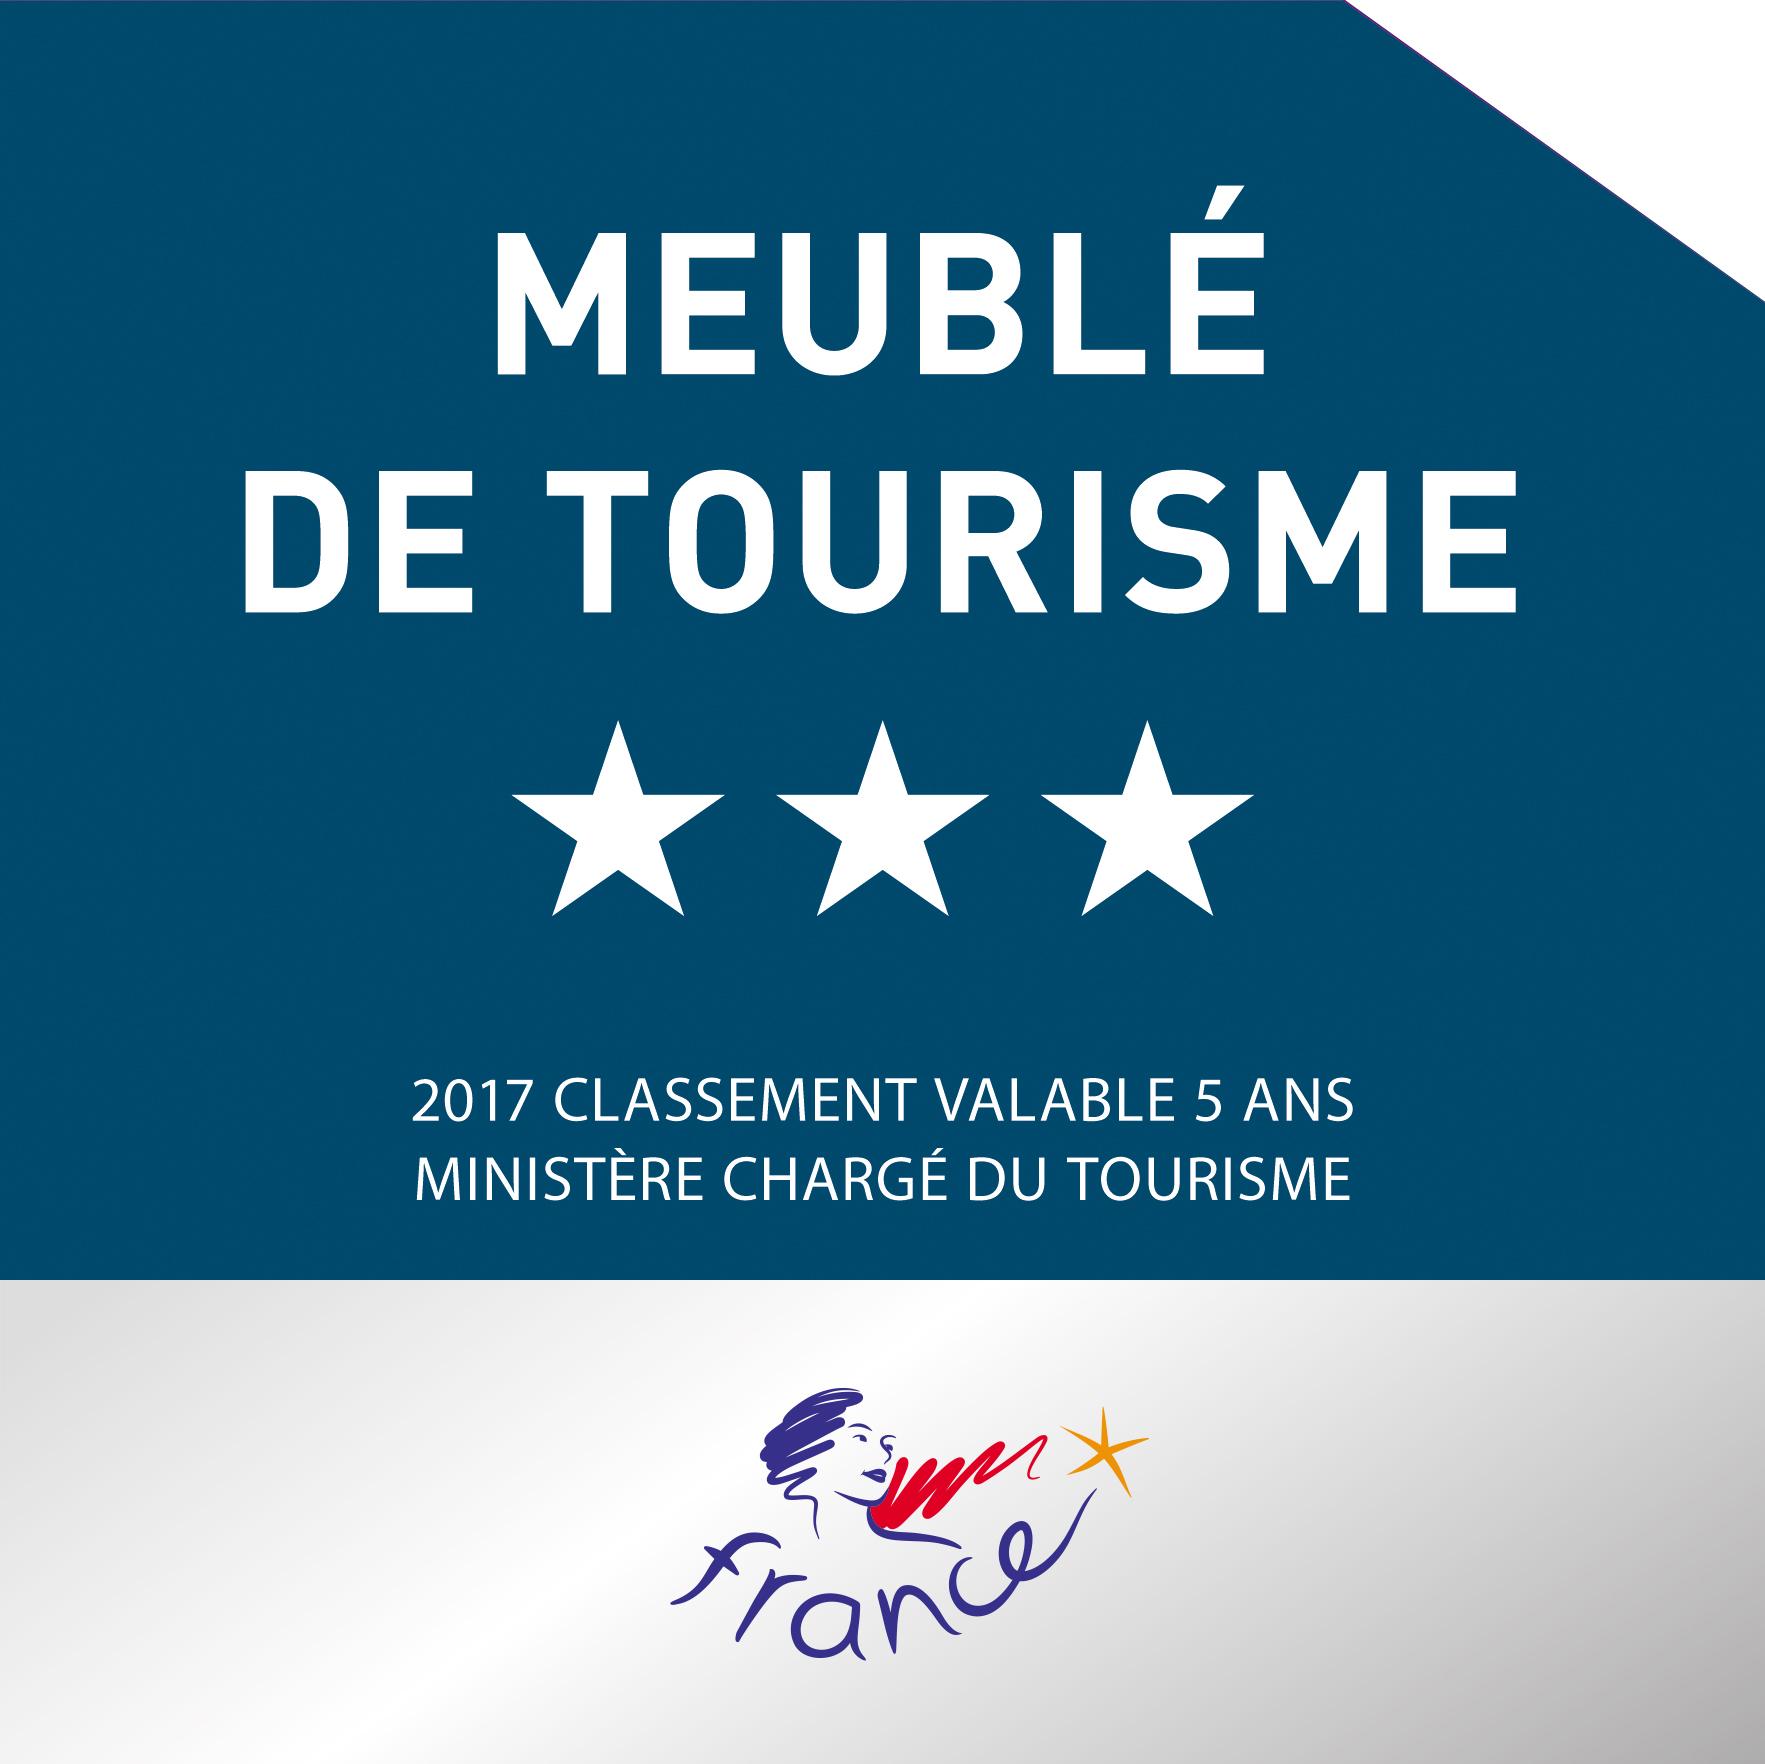 Meublé-tourisme-3-etoiles